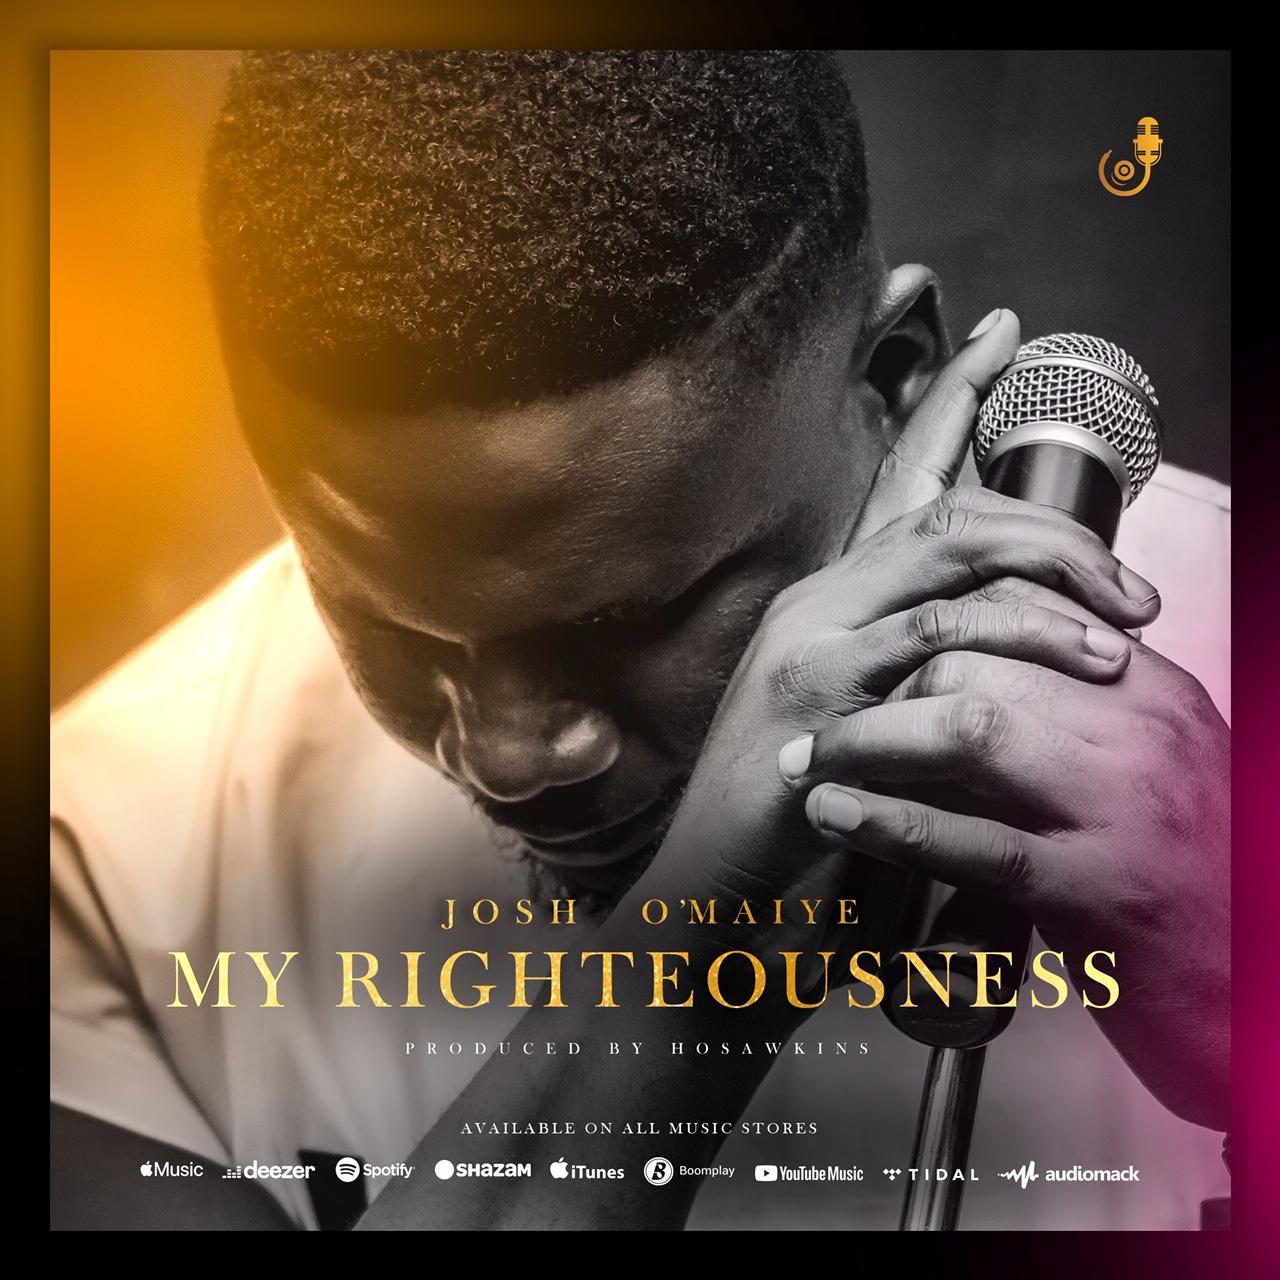 Josh O'maiye - My Righteousness